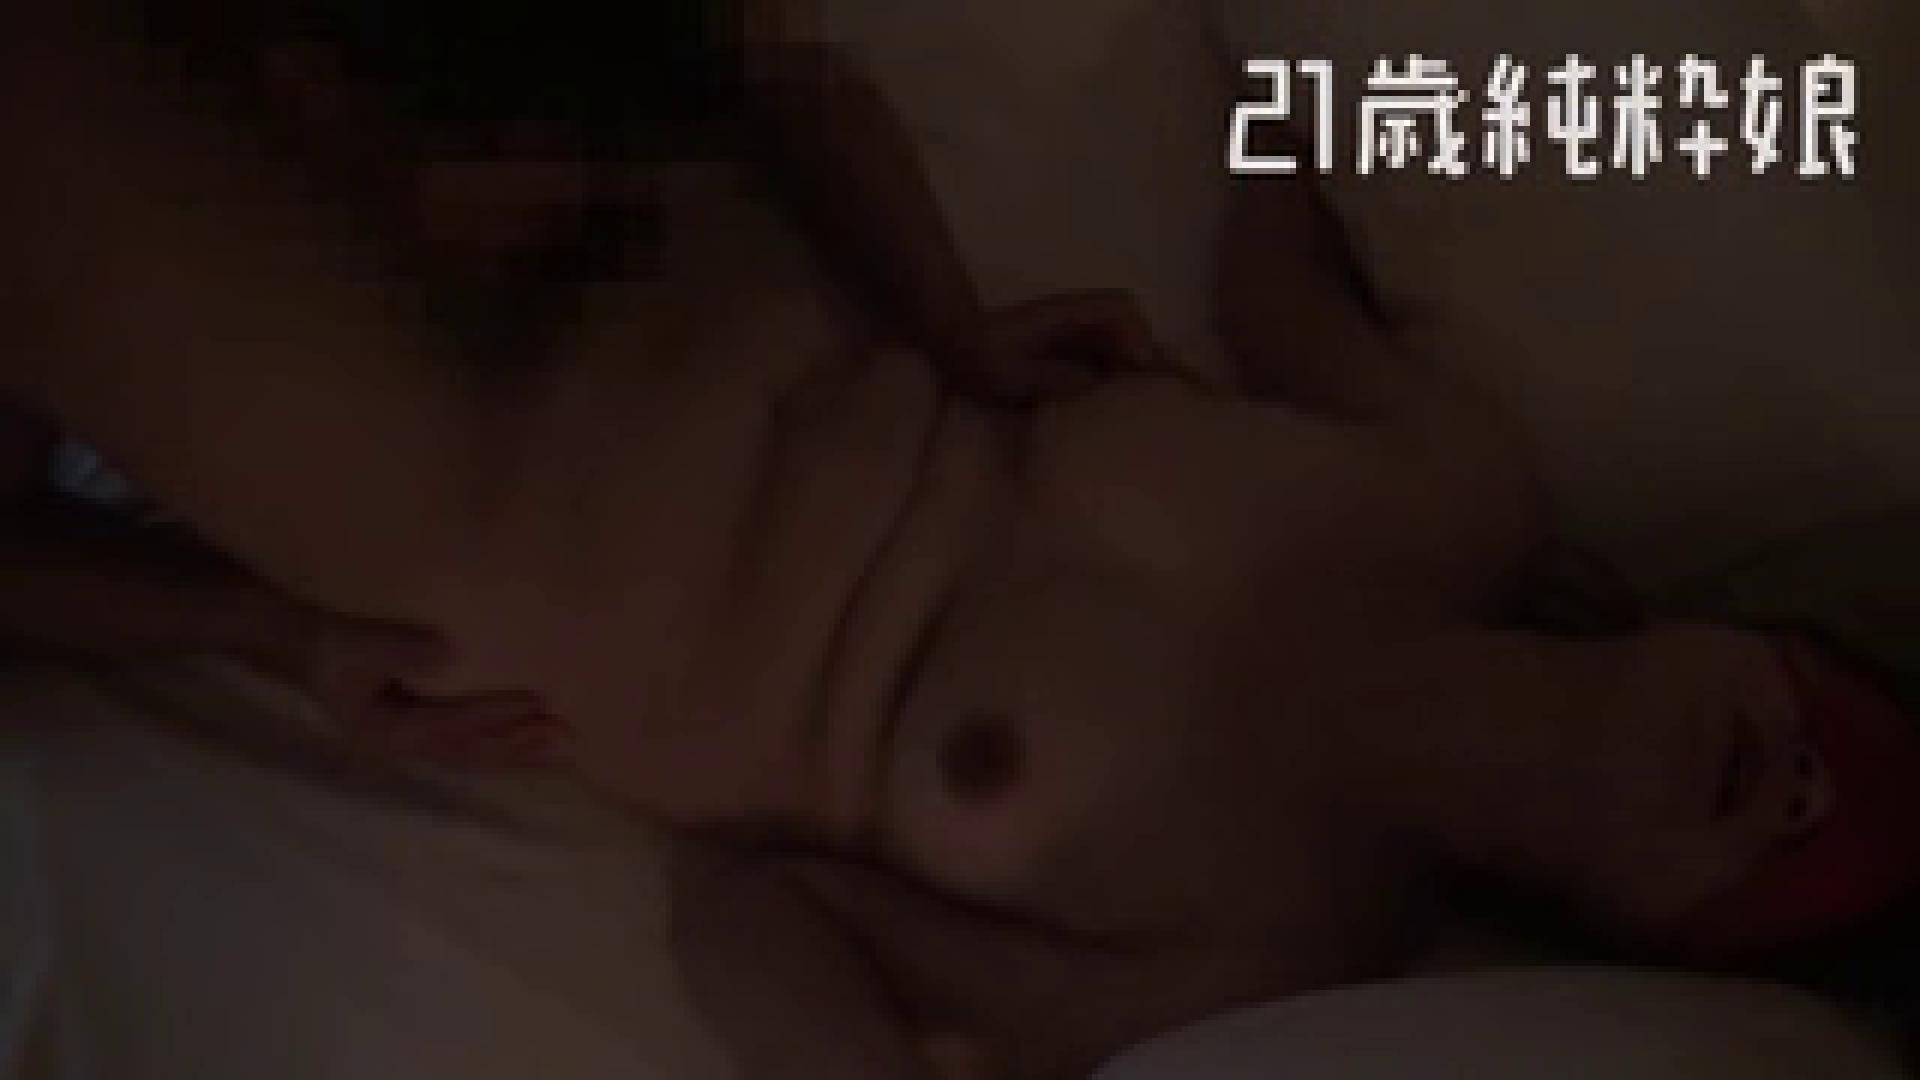 上京したばかりのGカップ21歳純粋嬢を都合の良い女にしてみた4 投稿 エロ画像 90画像 86